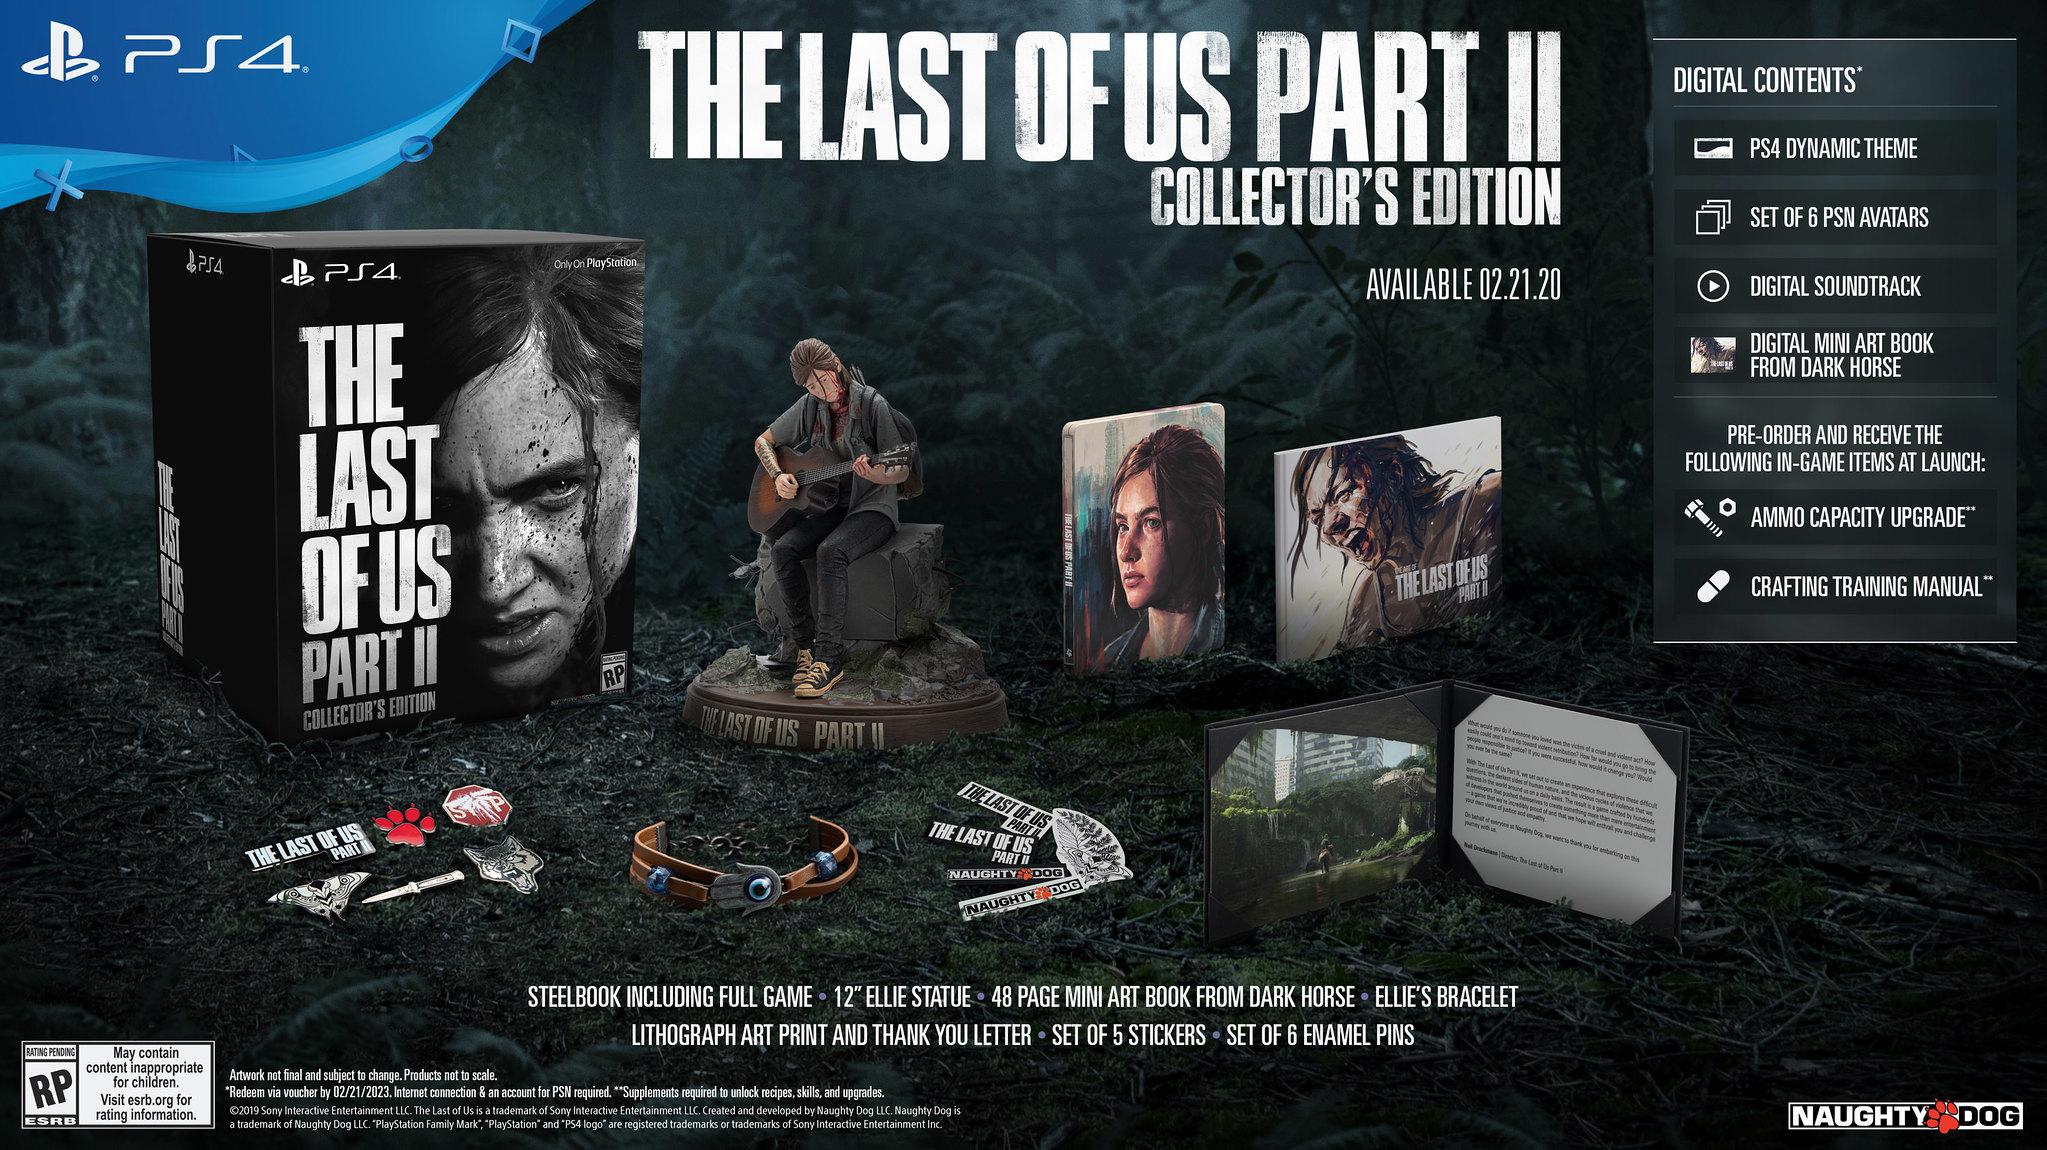 Una edición de coleccionista completamente cargada para The Last of Us Part II